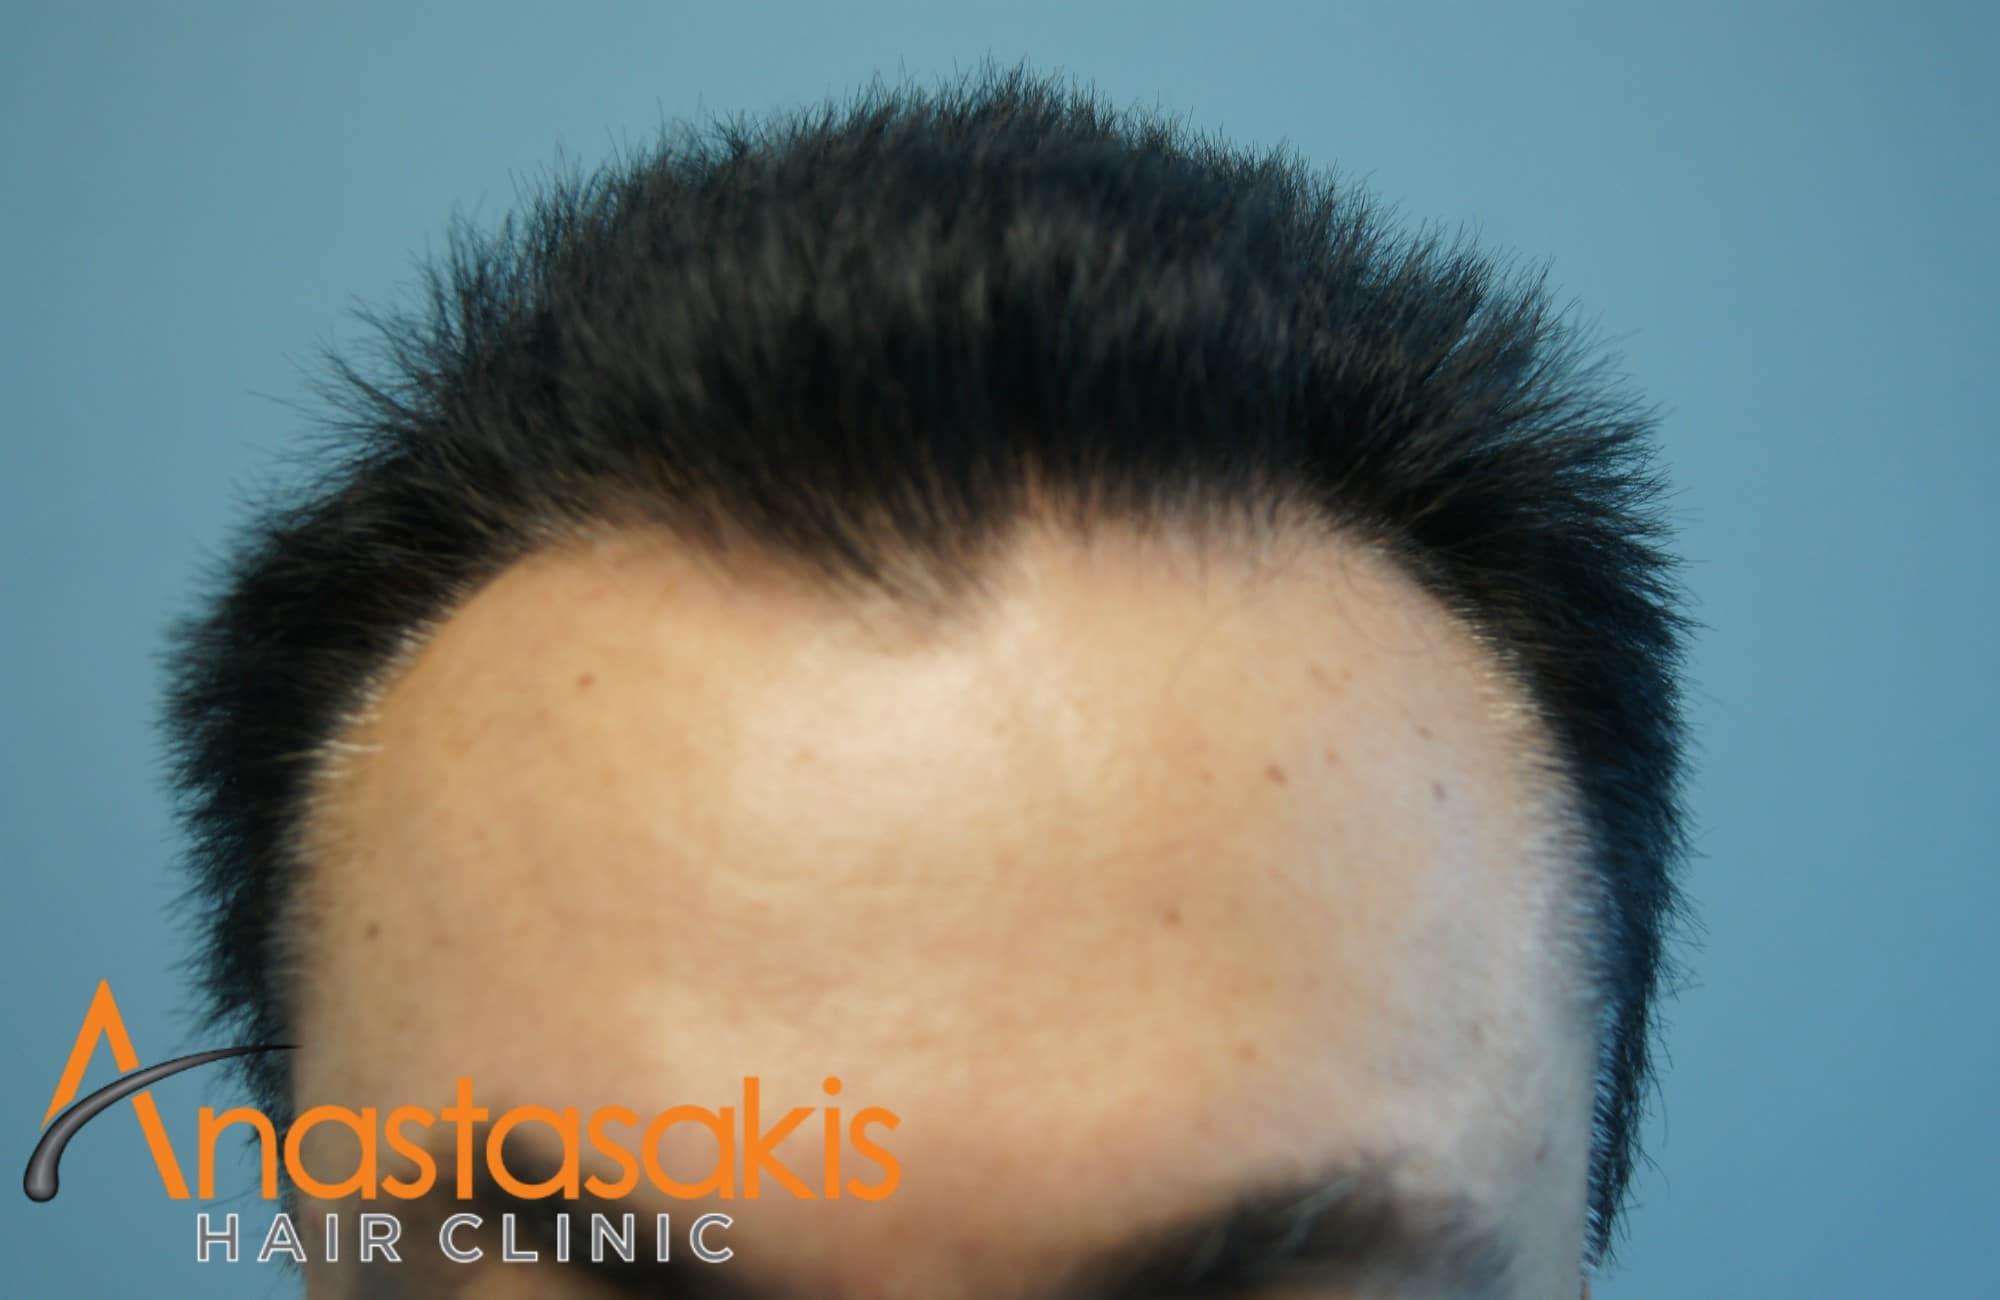 ασθενης πριν τη μεταμοσχευση μαλλιων με 1540fus μπροστα